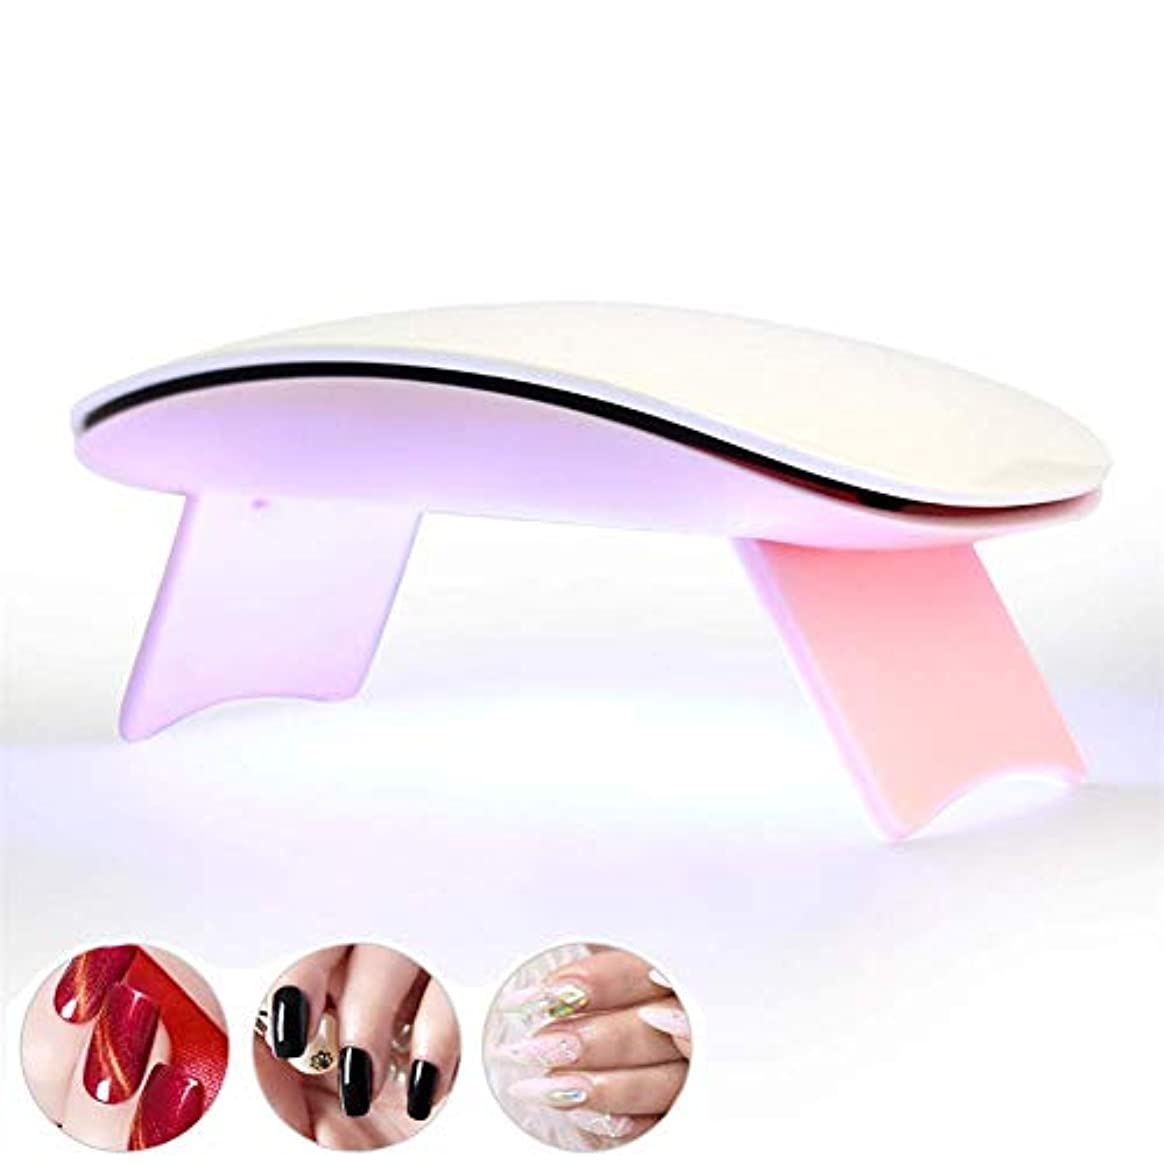 腸部屋を掃除する父方のネイル用ランプマニキュアネイルドライヤー用6WポータブルUV LED USB付きバッテリーマシンセラピーワニスランプジェルポリッシュ用、ピンク